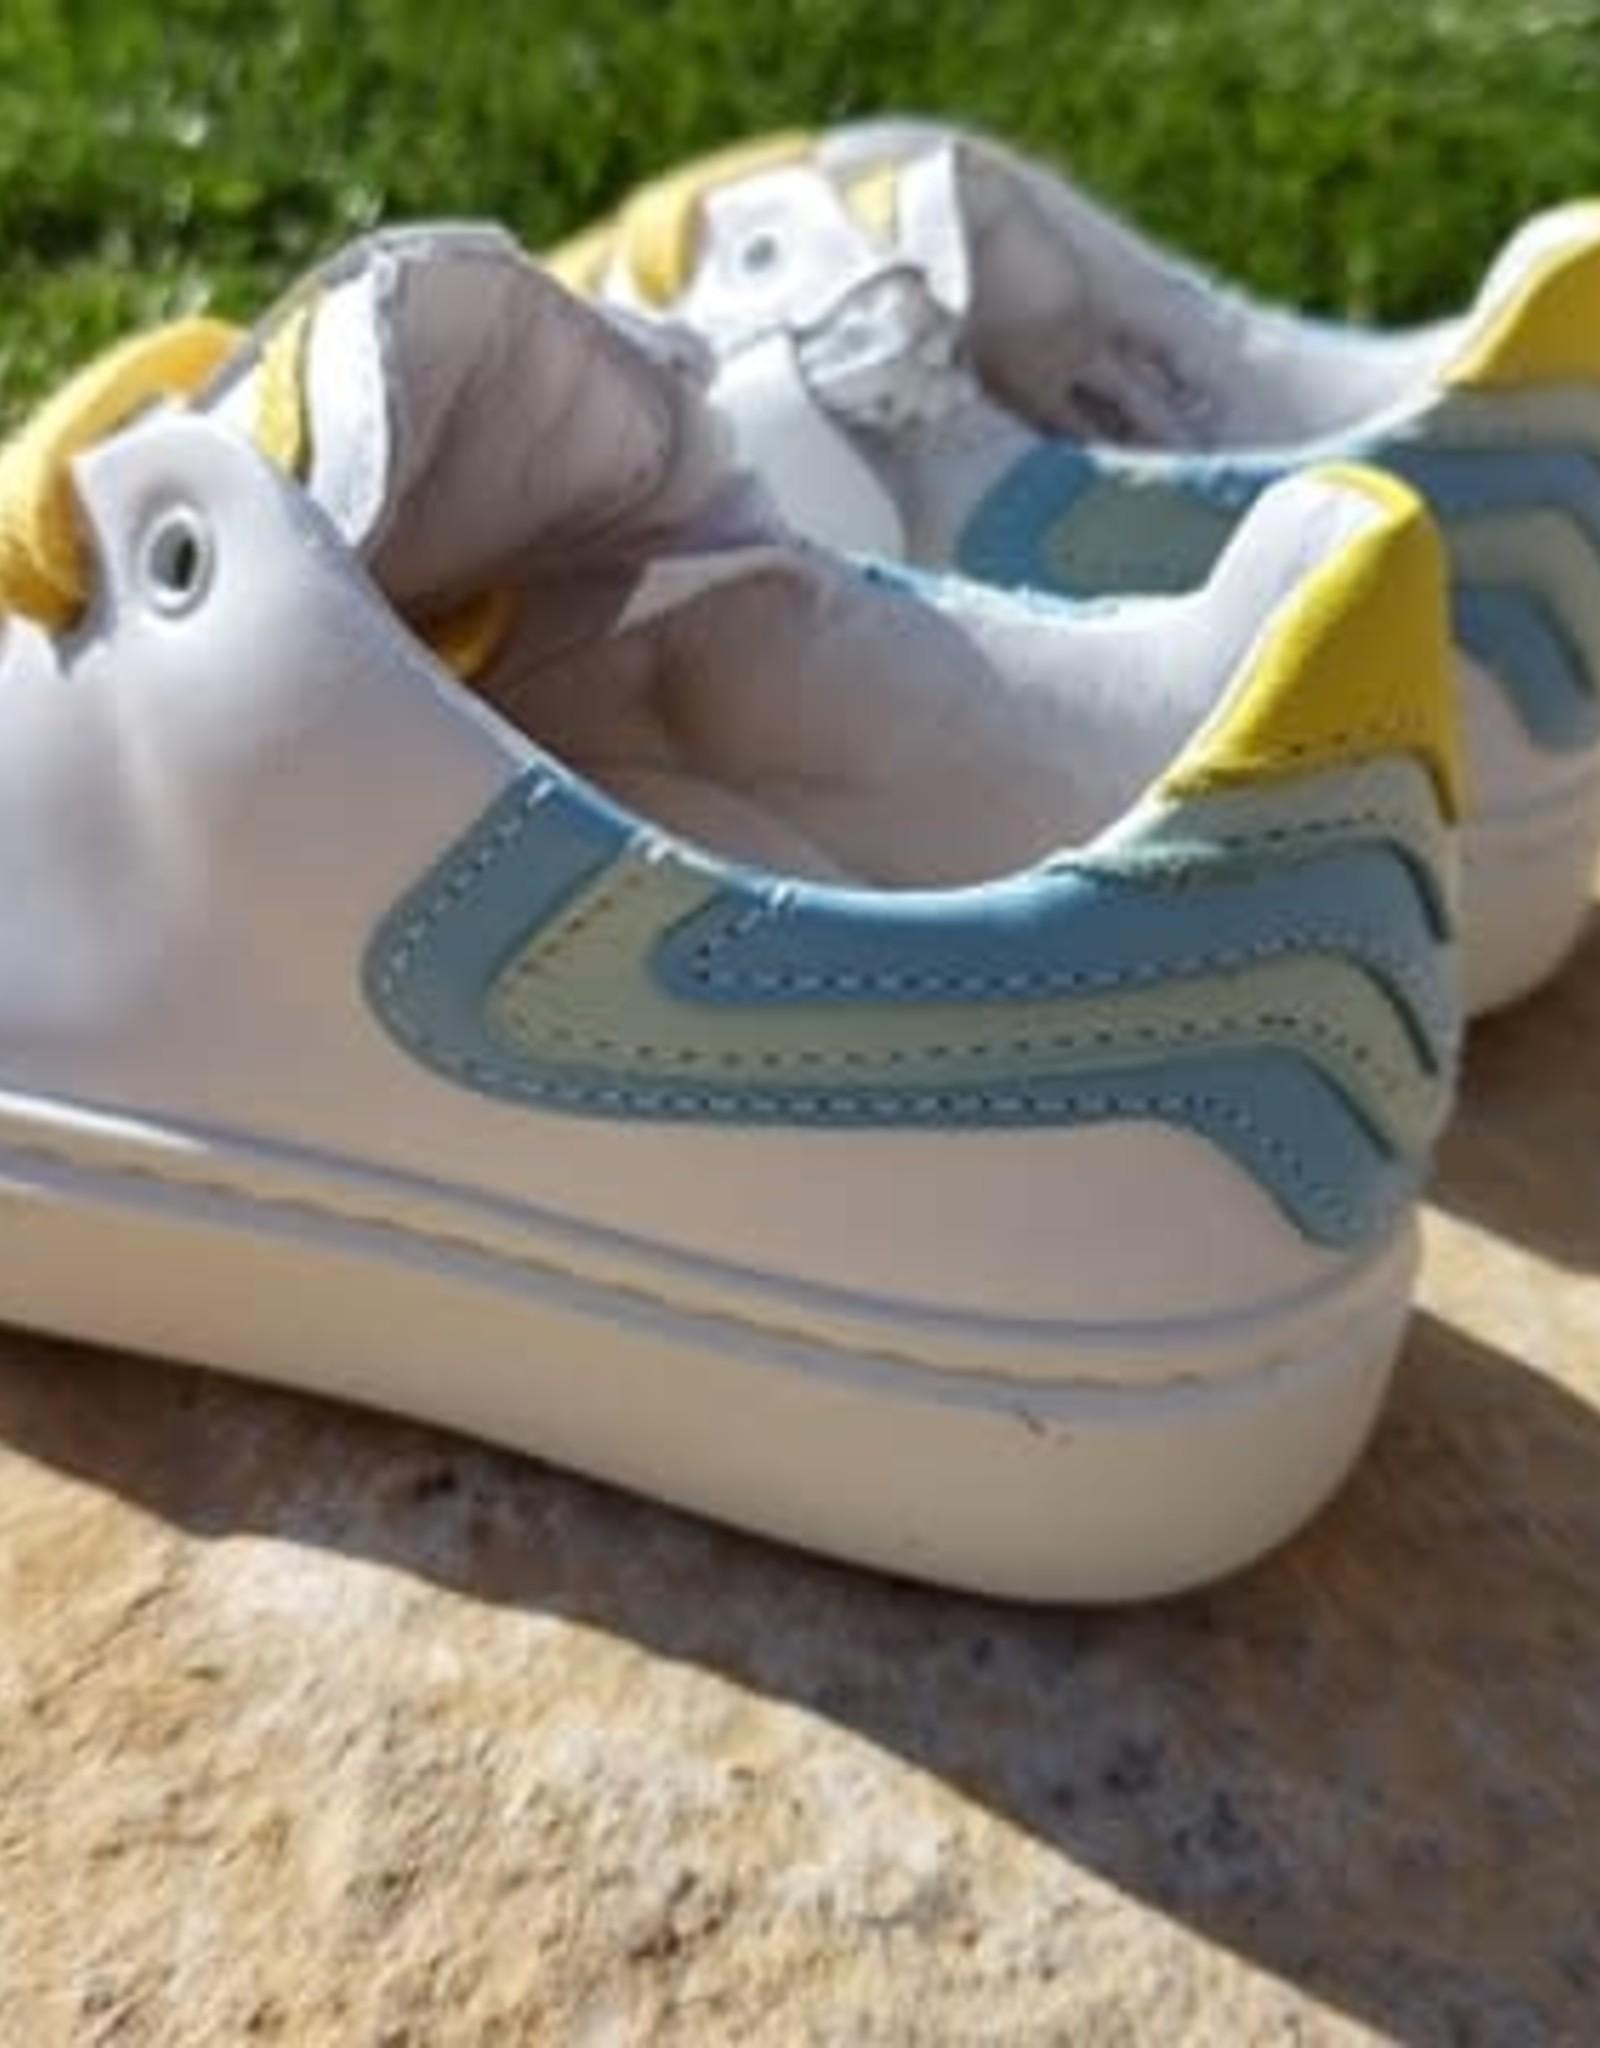 Bana & co Bana&co sneaker regenboog geel/blauw